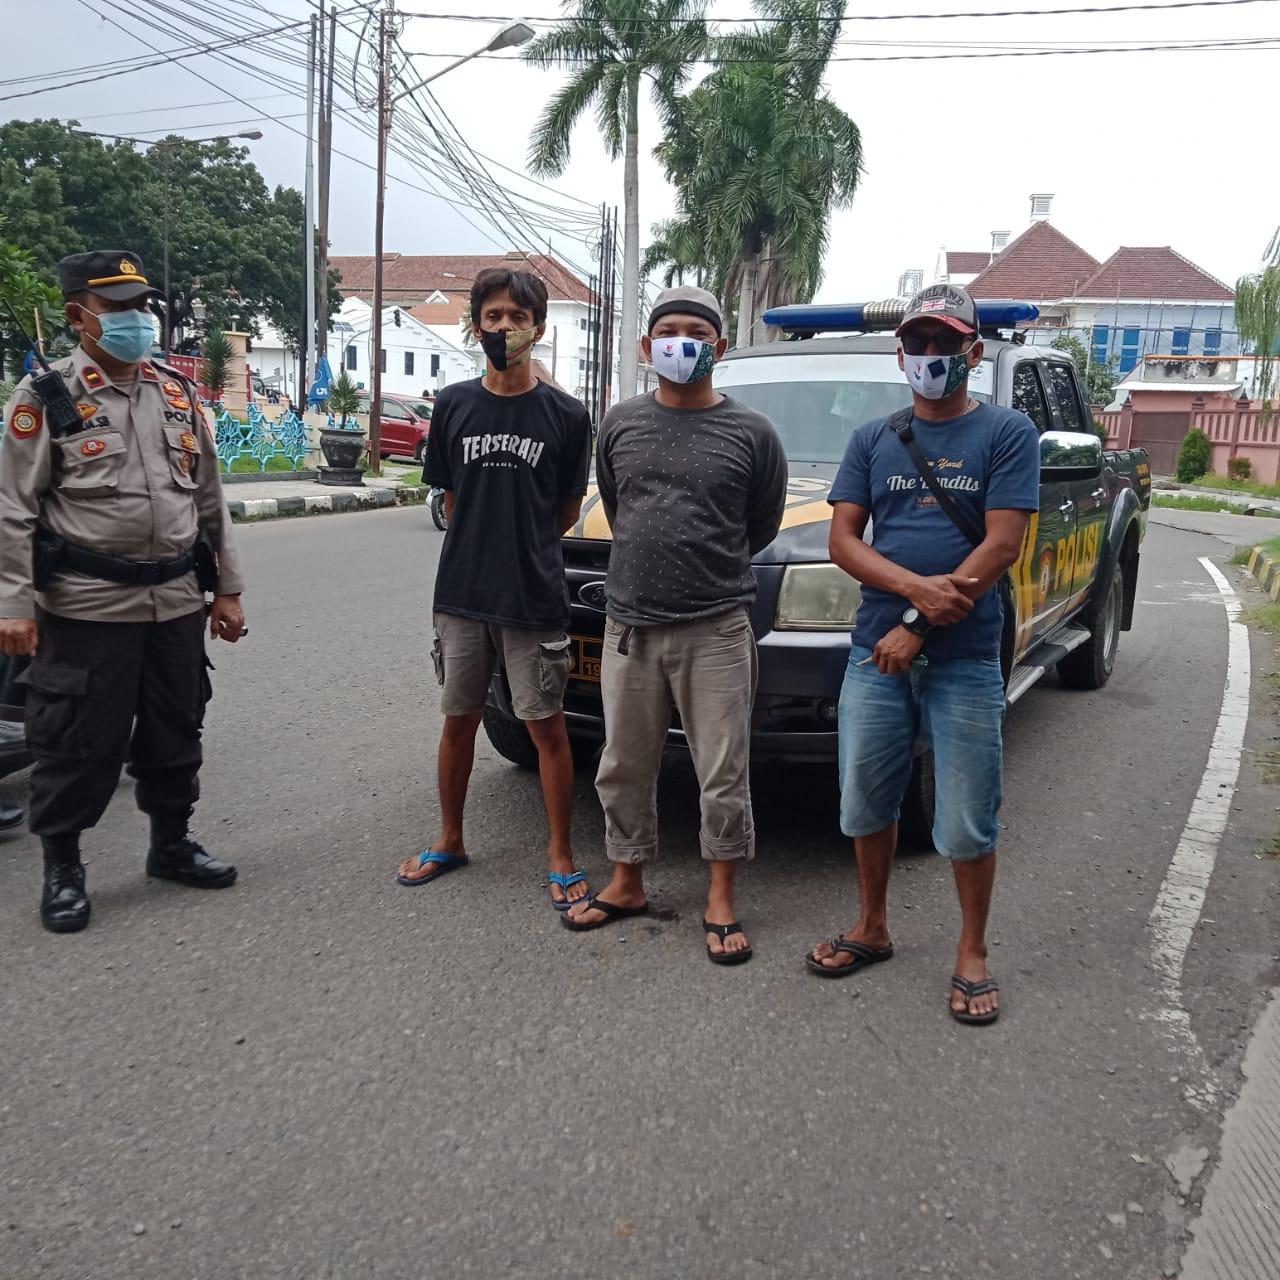 Personel Polres Cirebon Kota Polda Jabar Tingkatkan Ops Yustisi dengan Sambangi Warga